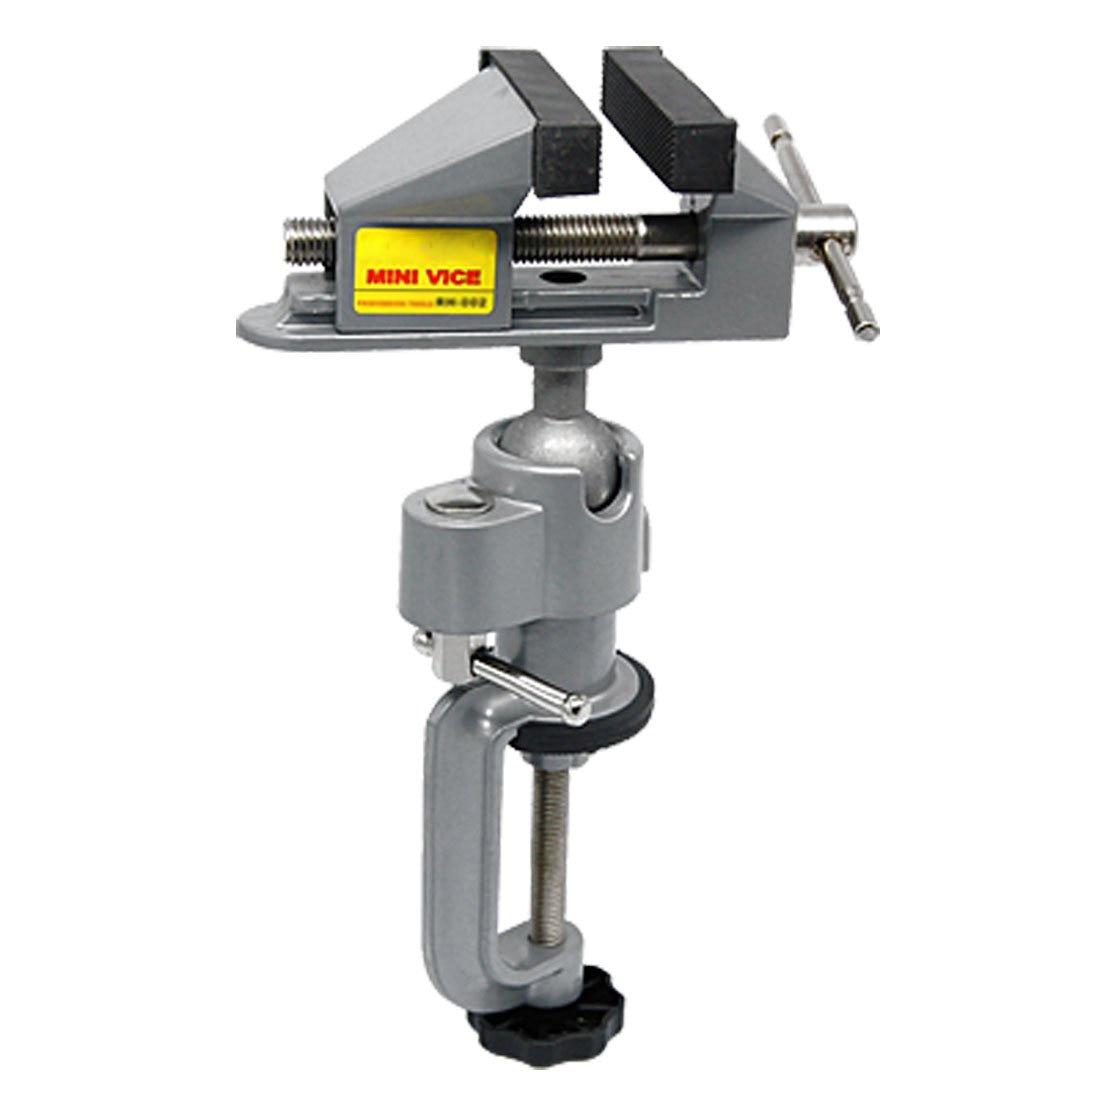 Настольная тиска, зажим, тиски, держатель для шлифовки, подставка для вращающегося инструмента, ремесла, моделирования, электроники, хобби